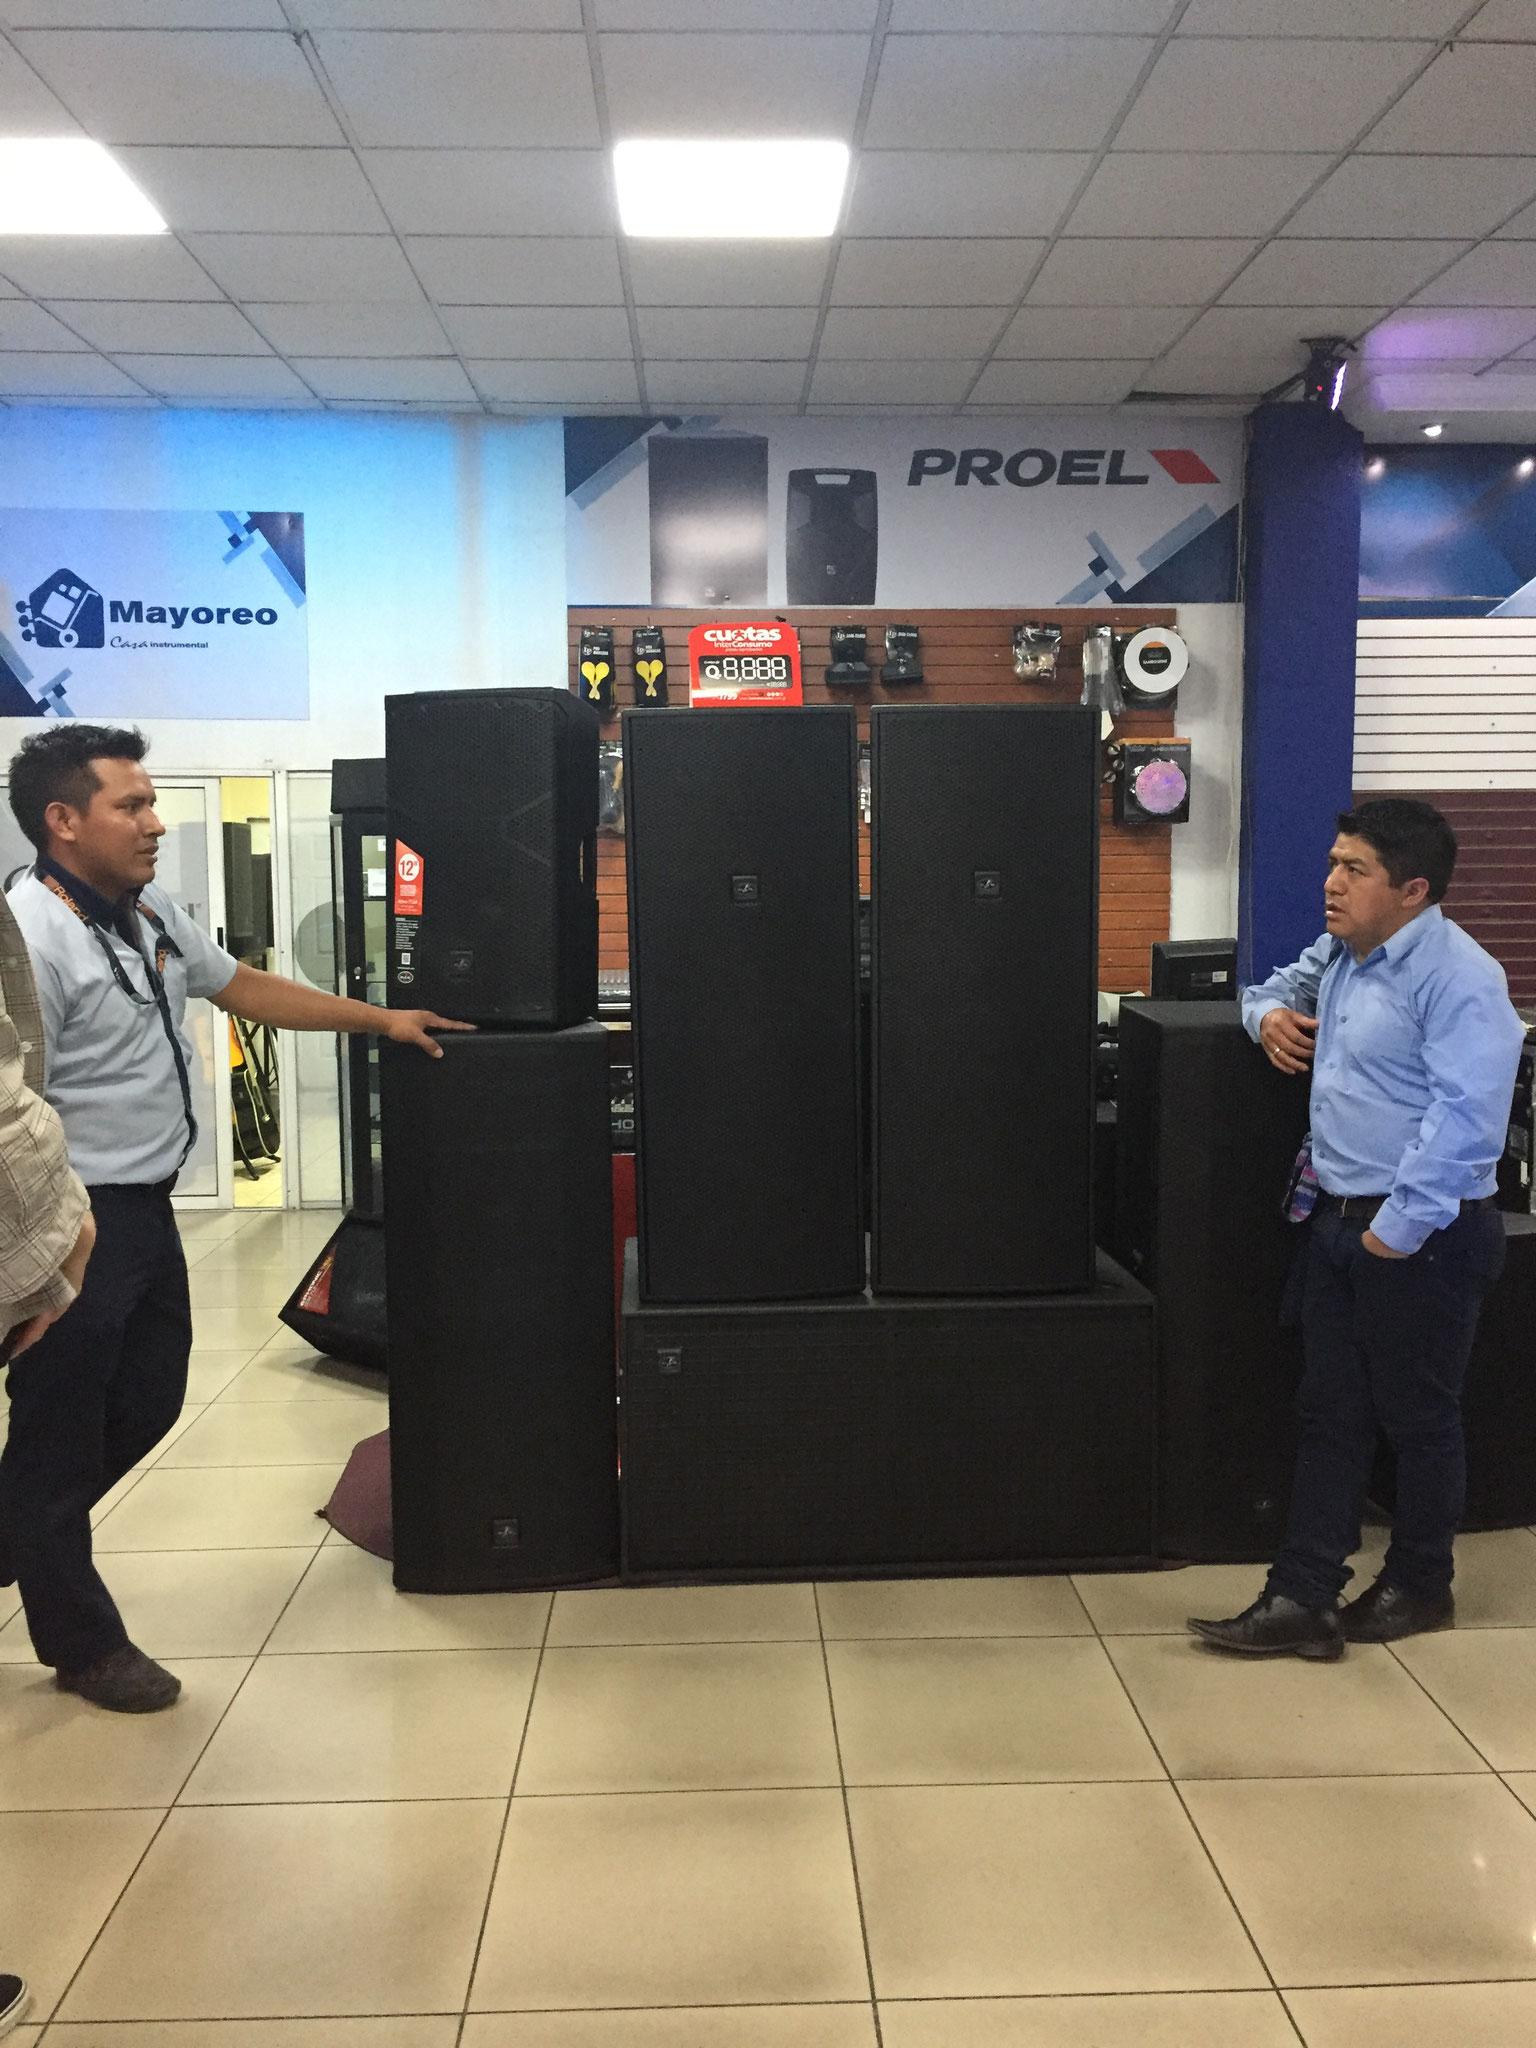 Unser Projektleiter Juan beim Einkauf eines Audiosystems, das in einem Veranstaltungsraum von 22 Schulen der Region benutzt wird.